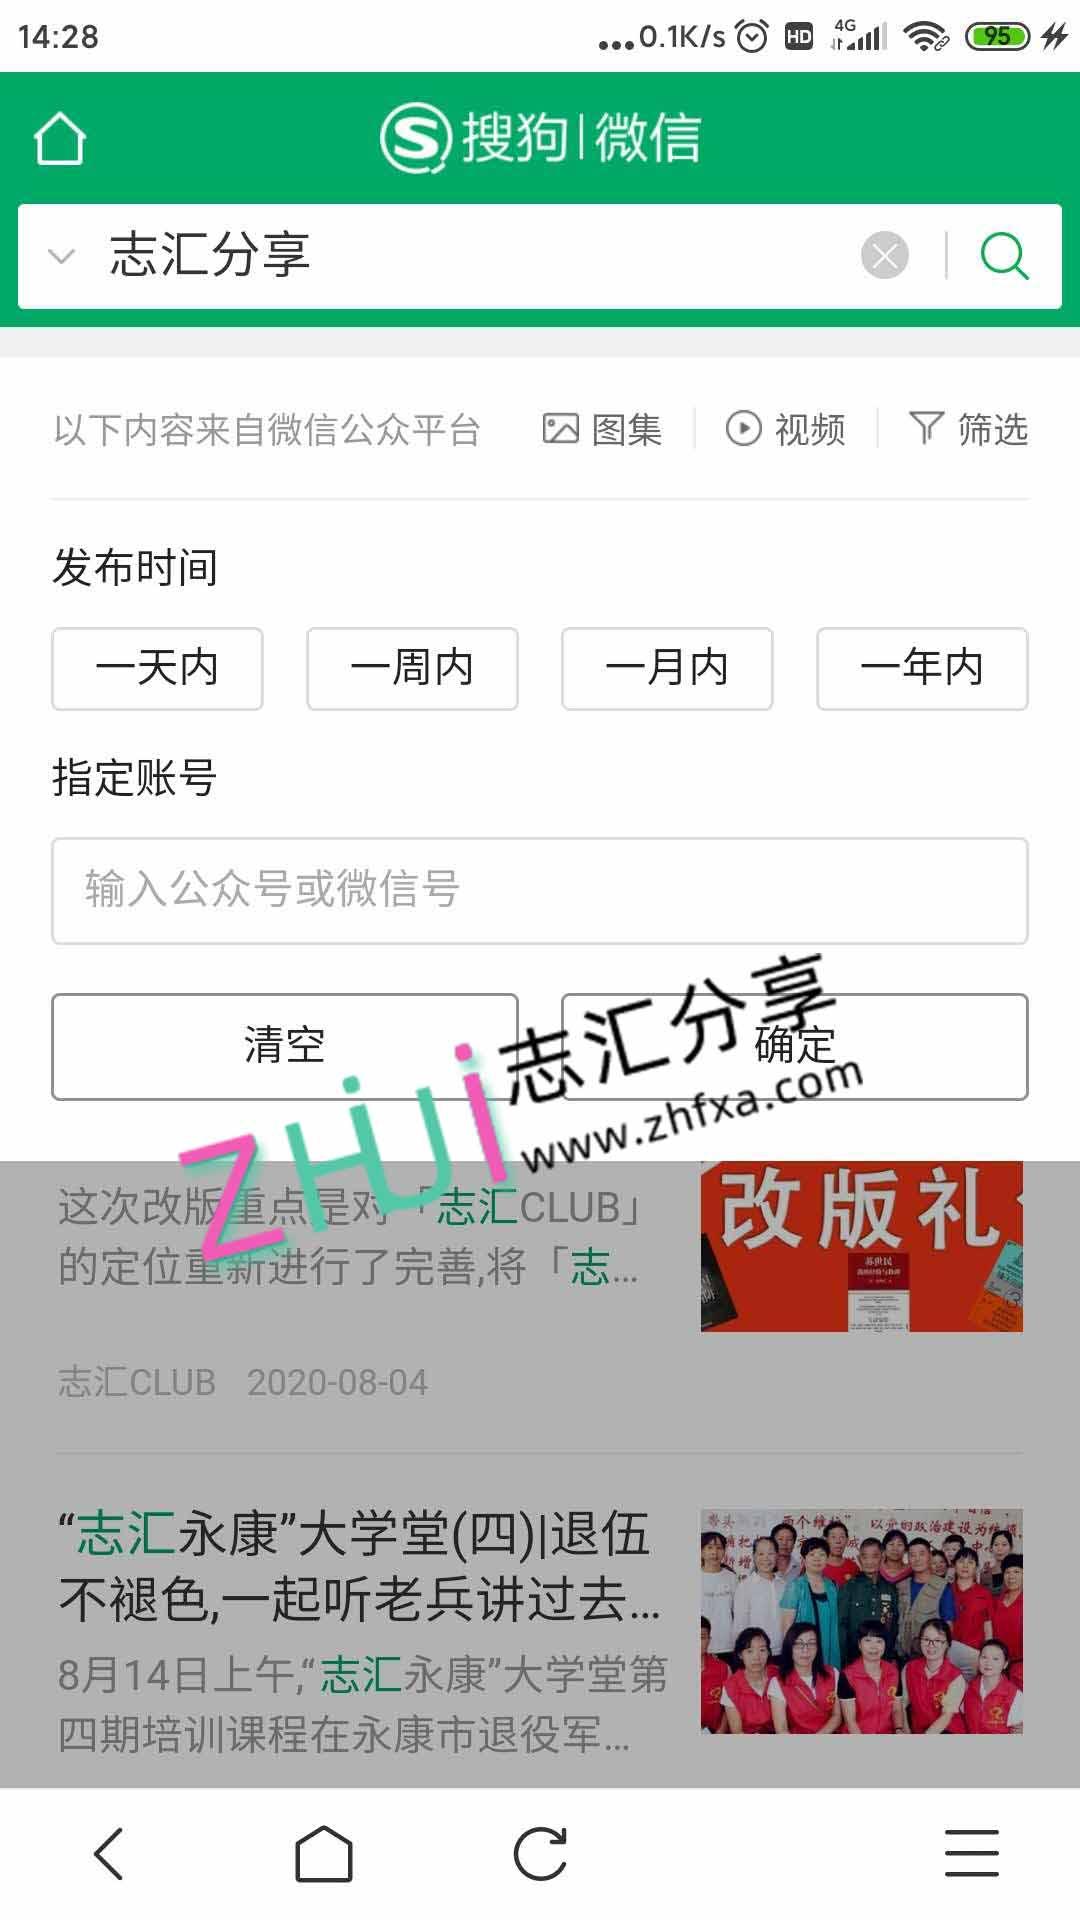 利用搜狗搜索APP筛选功能查找公众号文章